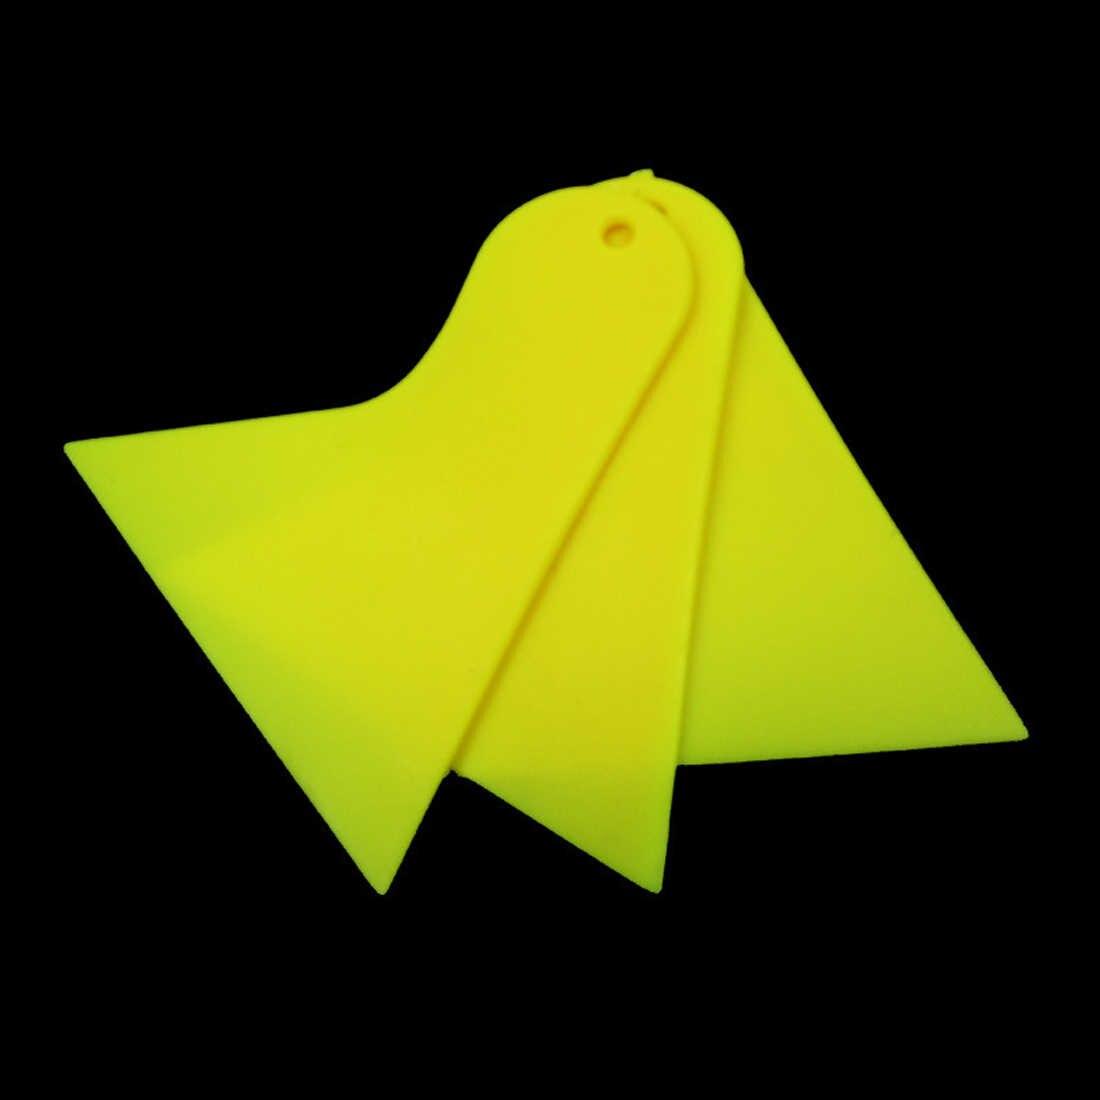 Окна автомобиля Обёрточная бумага Ракель автомобилей укладки углеродного волокна виниловой пленки Обёрточная бумага Ping скребок наклейки Bubble скребок оттенок пропуск инструмент